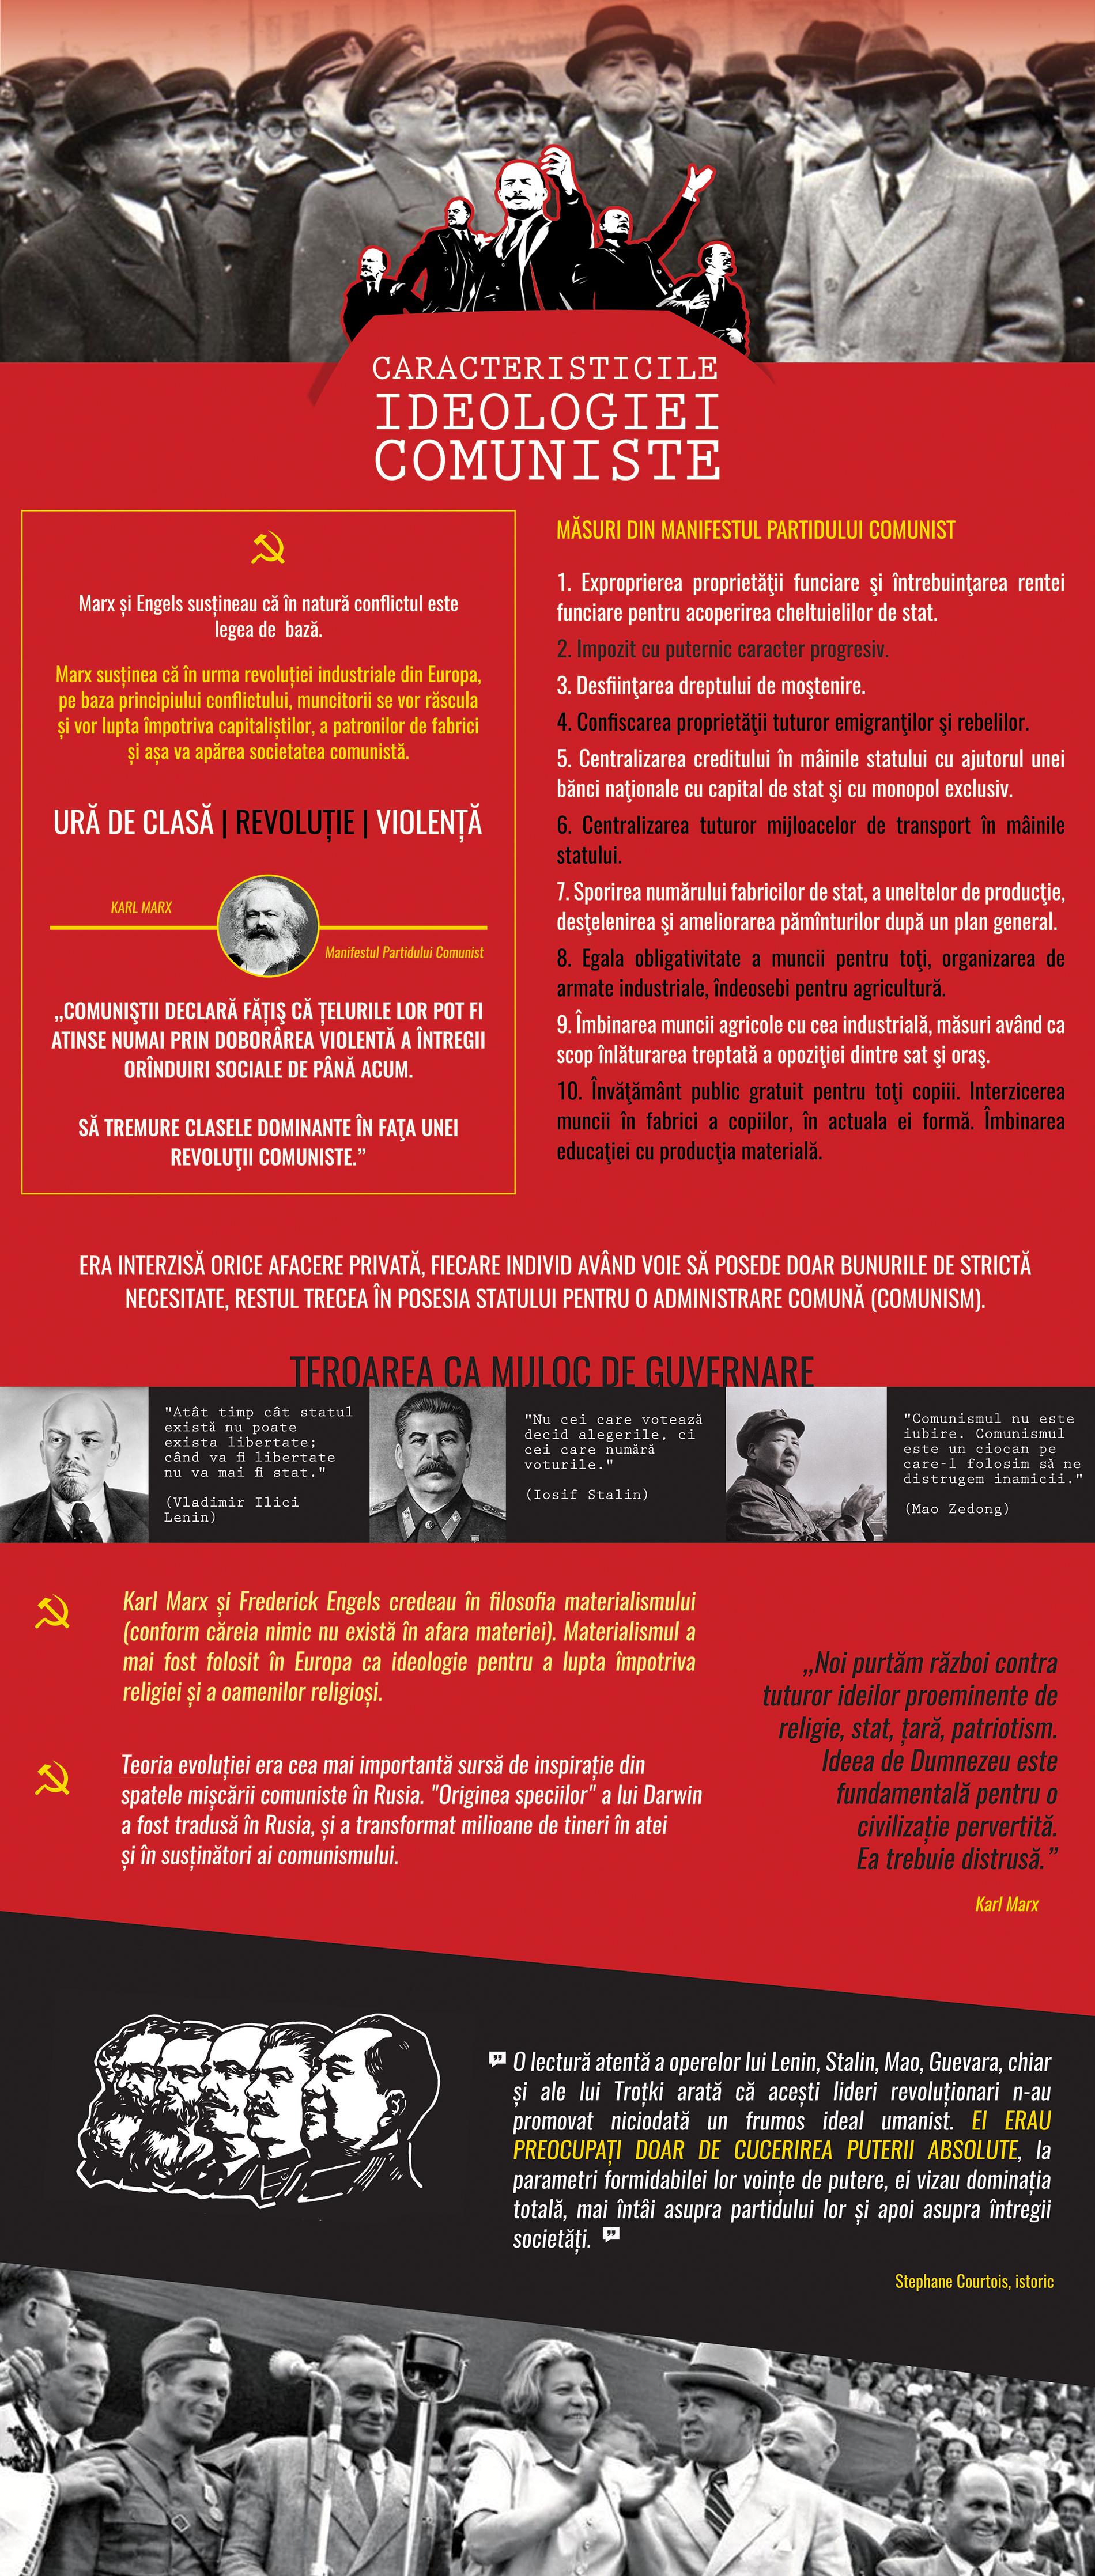 Caracteristicile ideologiei comuniste - Bannerul 05 - Caravana Eroilor